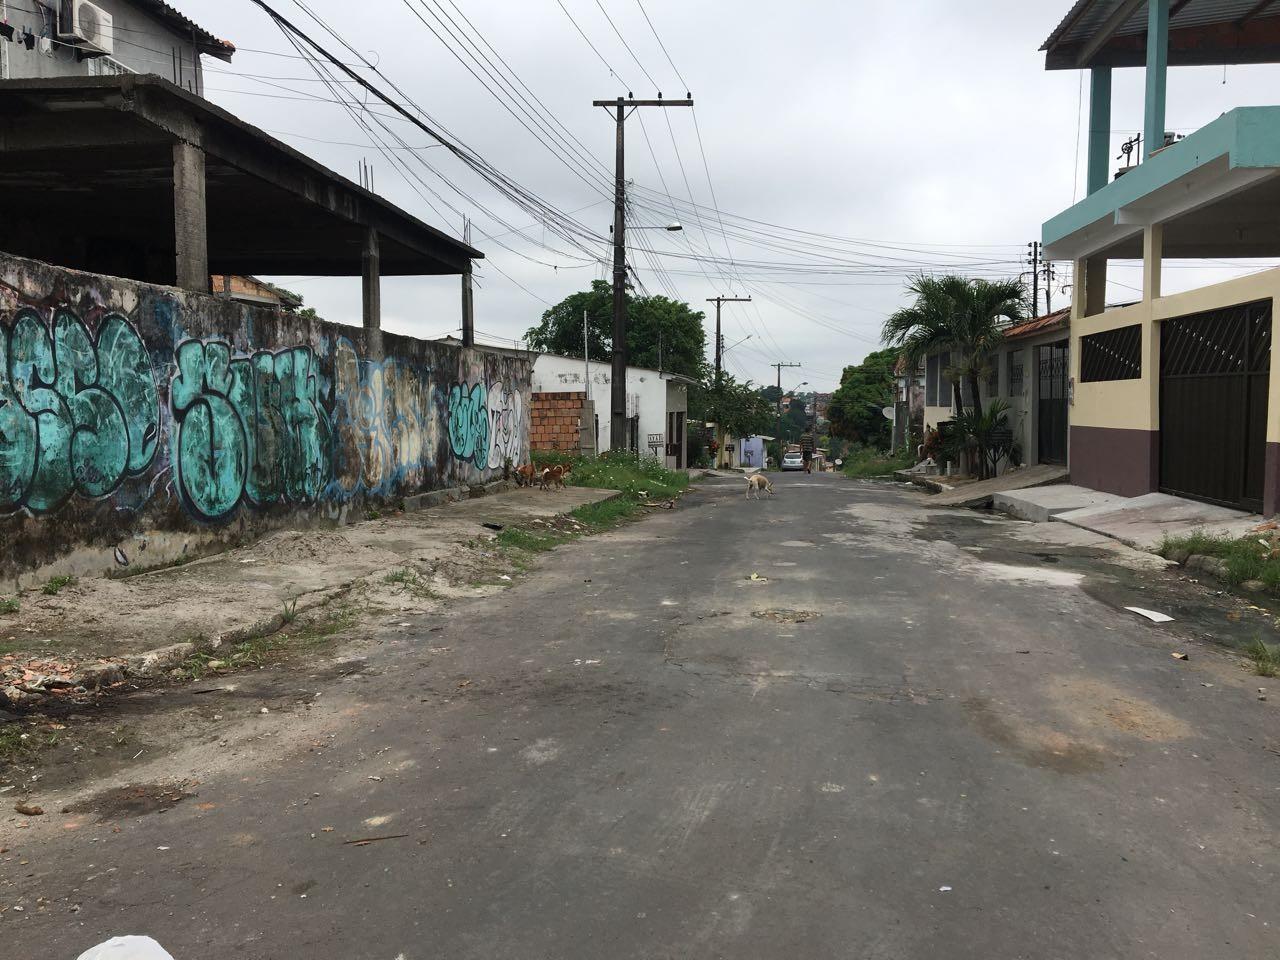 Homem em carro atira e mata jovem na Zona Norte de Manaus